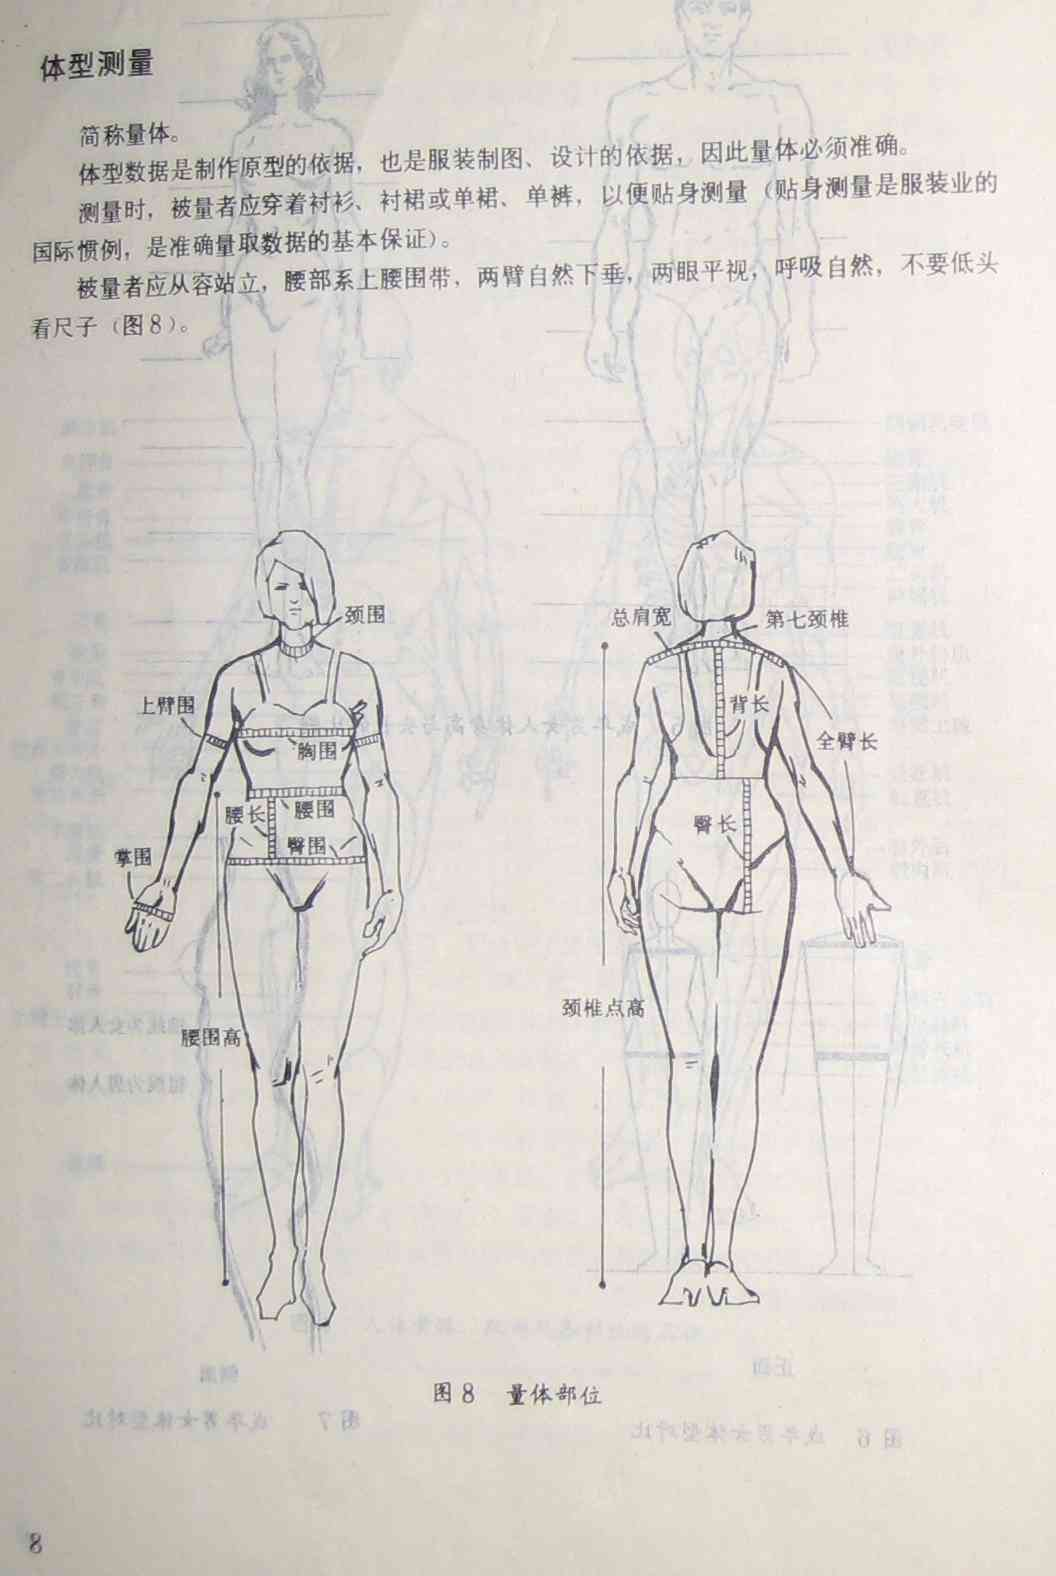 专题 各部位尺寸       zqch0316 版块:[服装设计与裁剪]体型测量  48